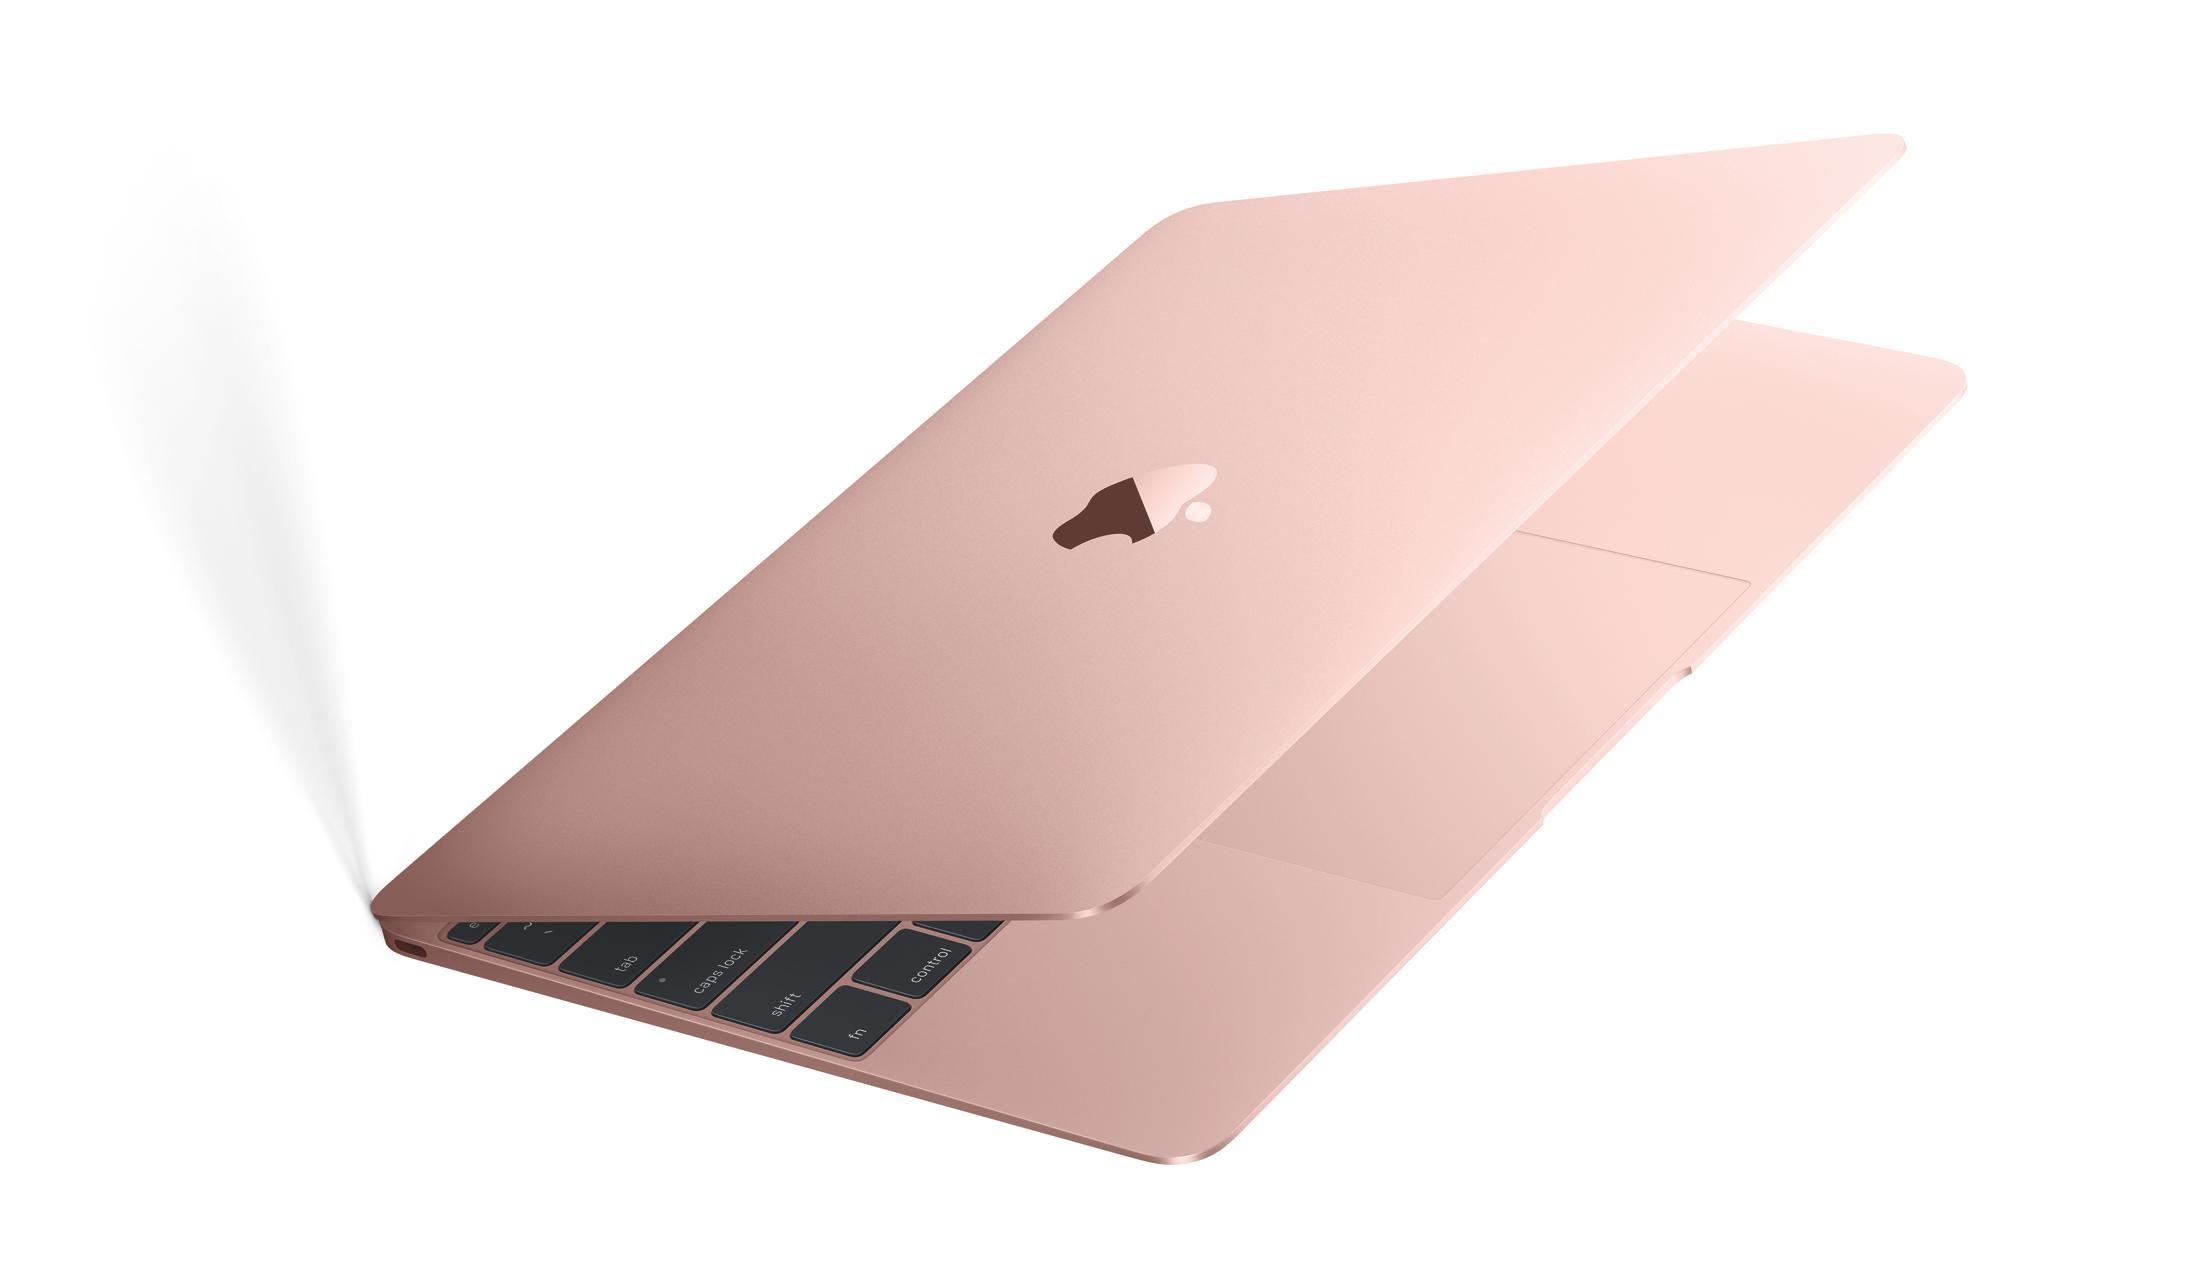 Rose Gold Macbook   https://www.apple.com/shop/buy-mac/macbook/rose-gold-256gb